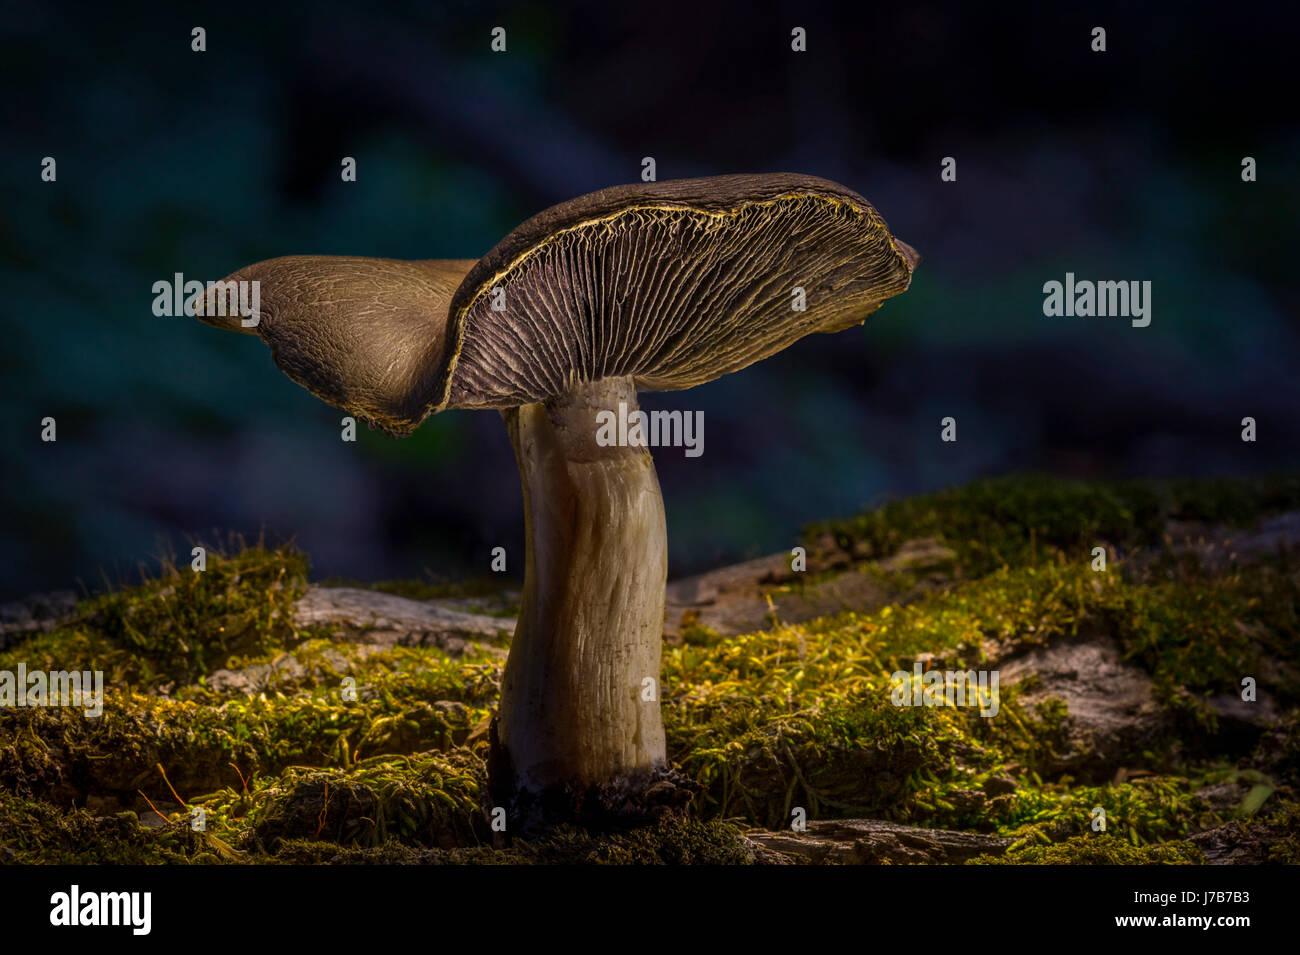 Fungo solitario sul suolo della foresta Immagini Stock